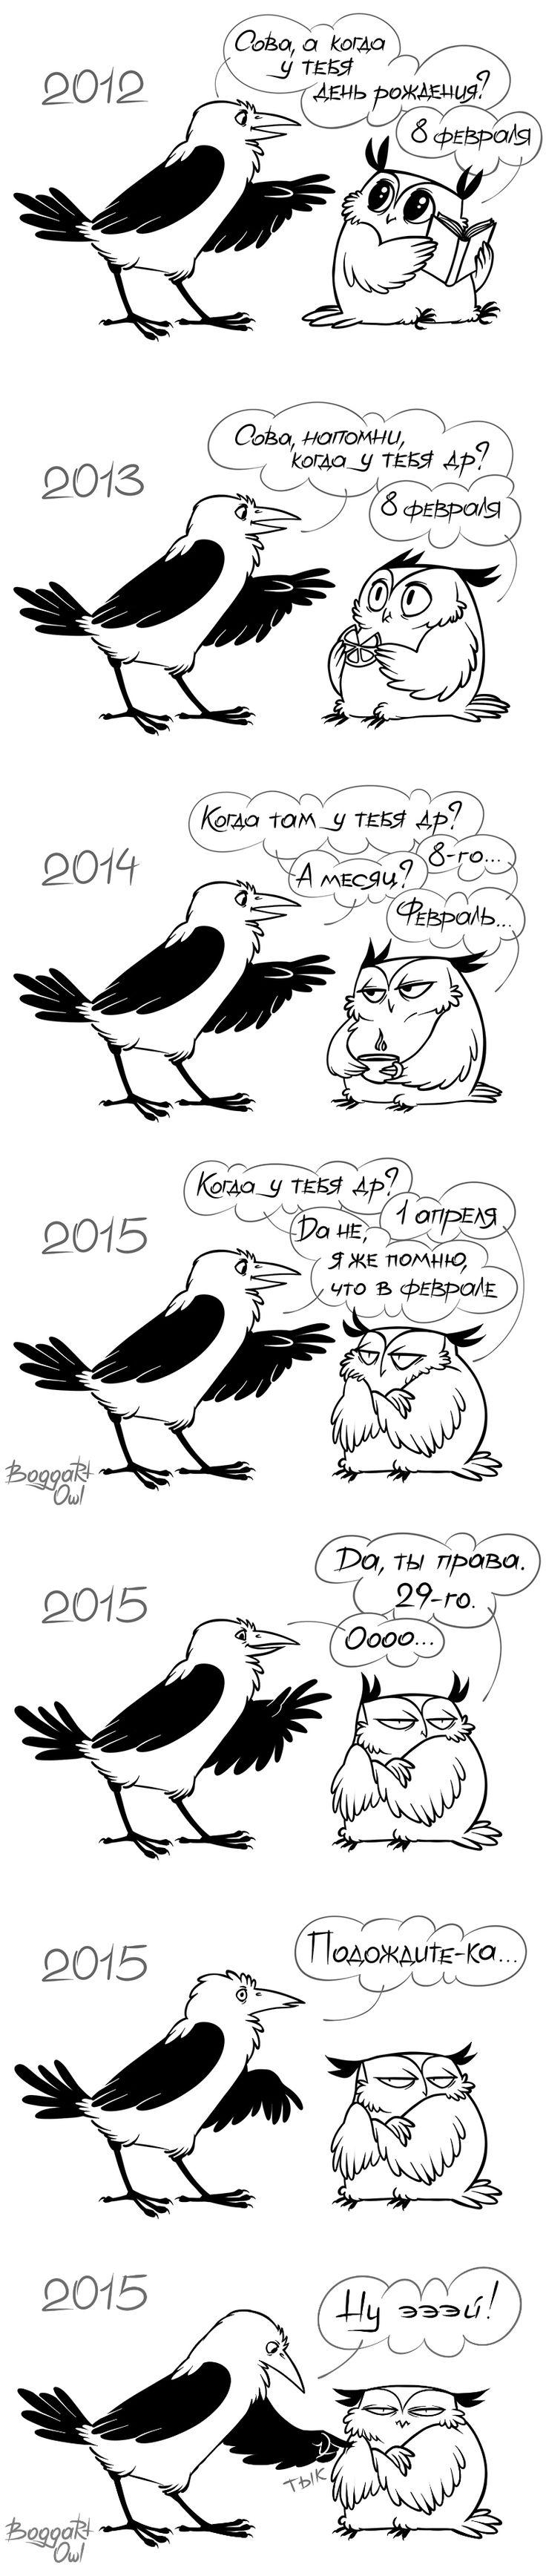 Meilleur De Dessin à Imprimer Angry Birds Space